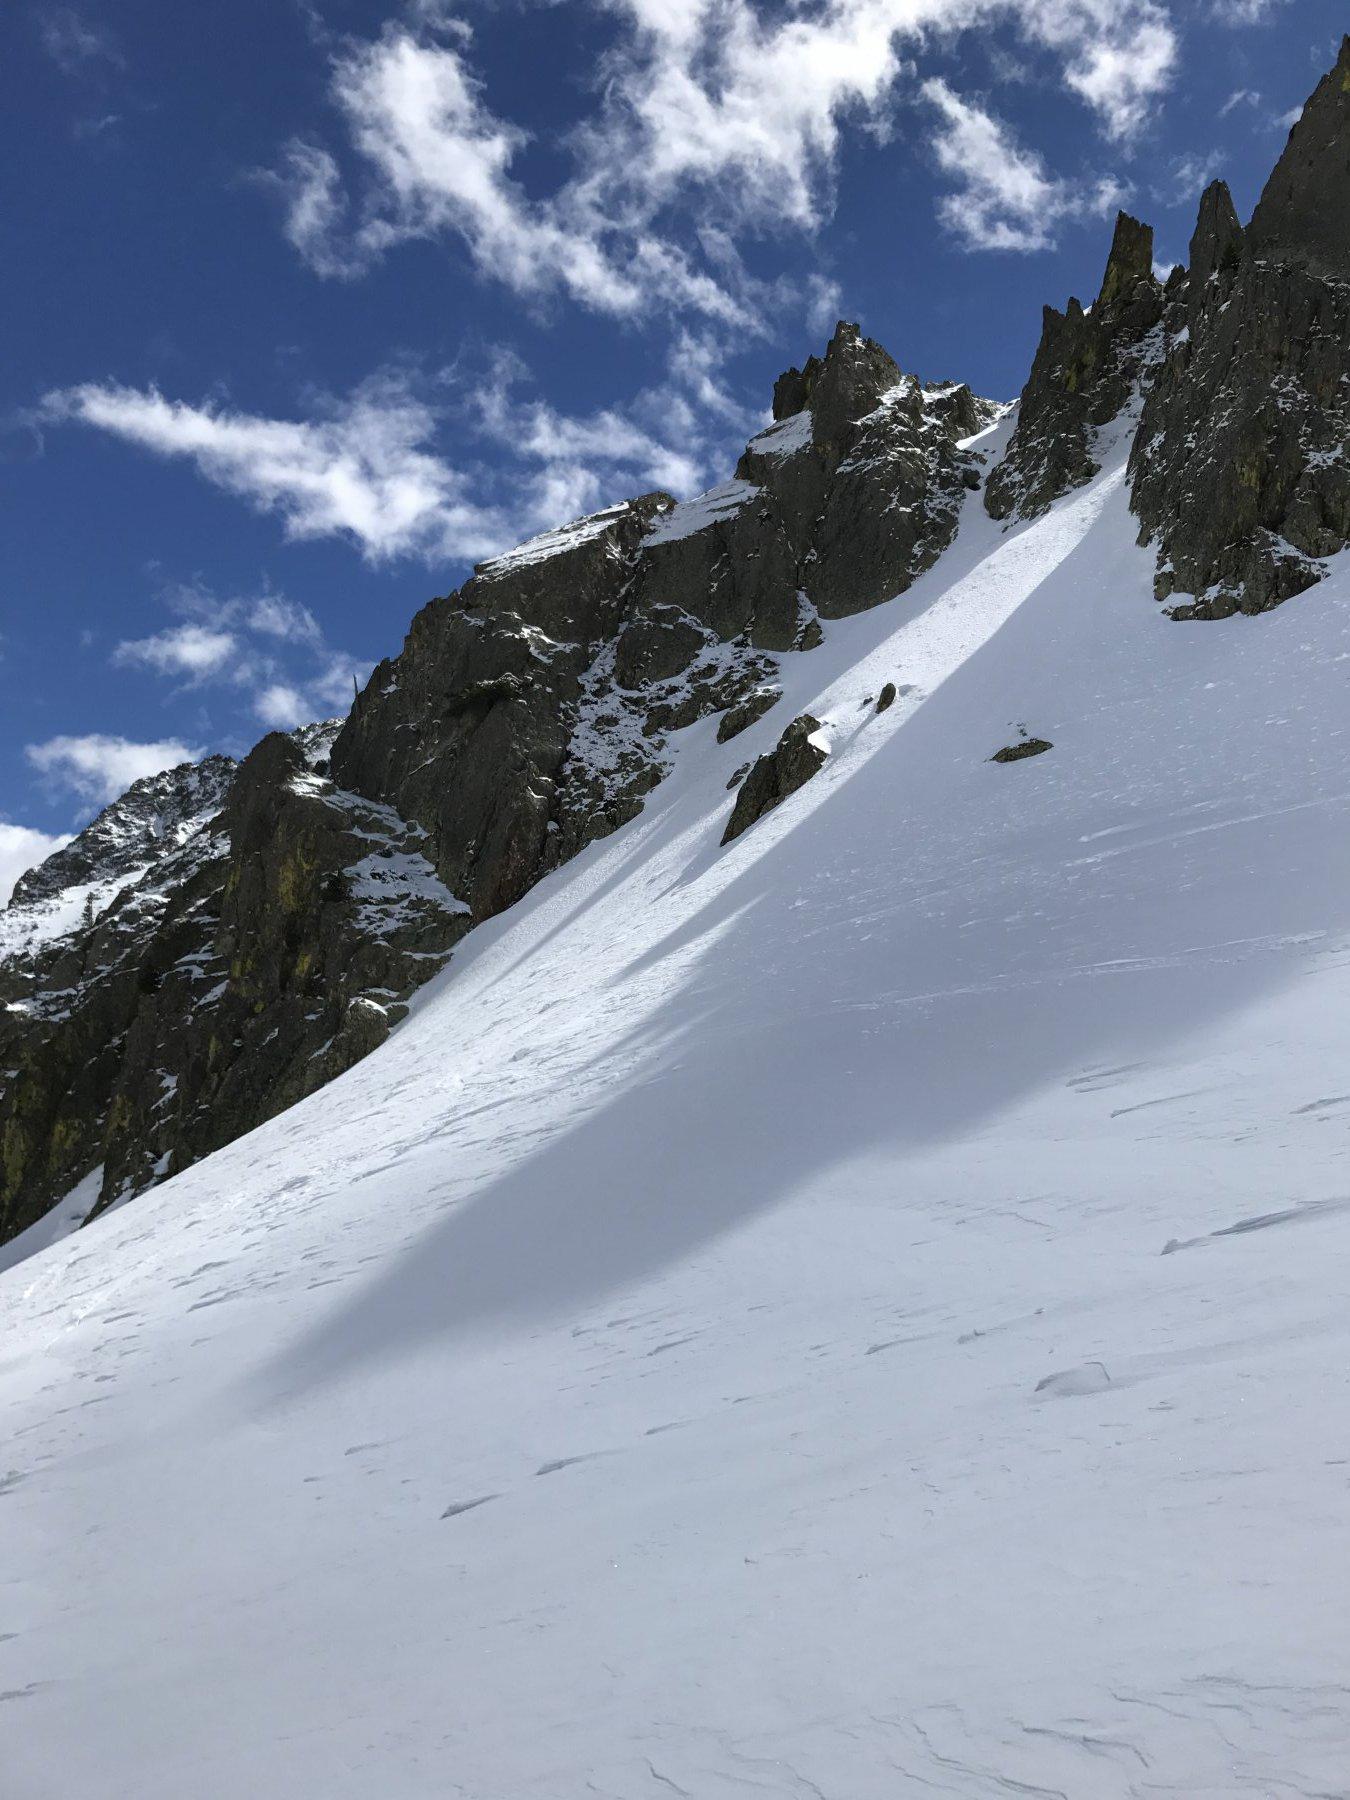 Canali nevosi e pareti rocciose